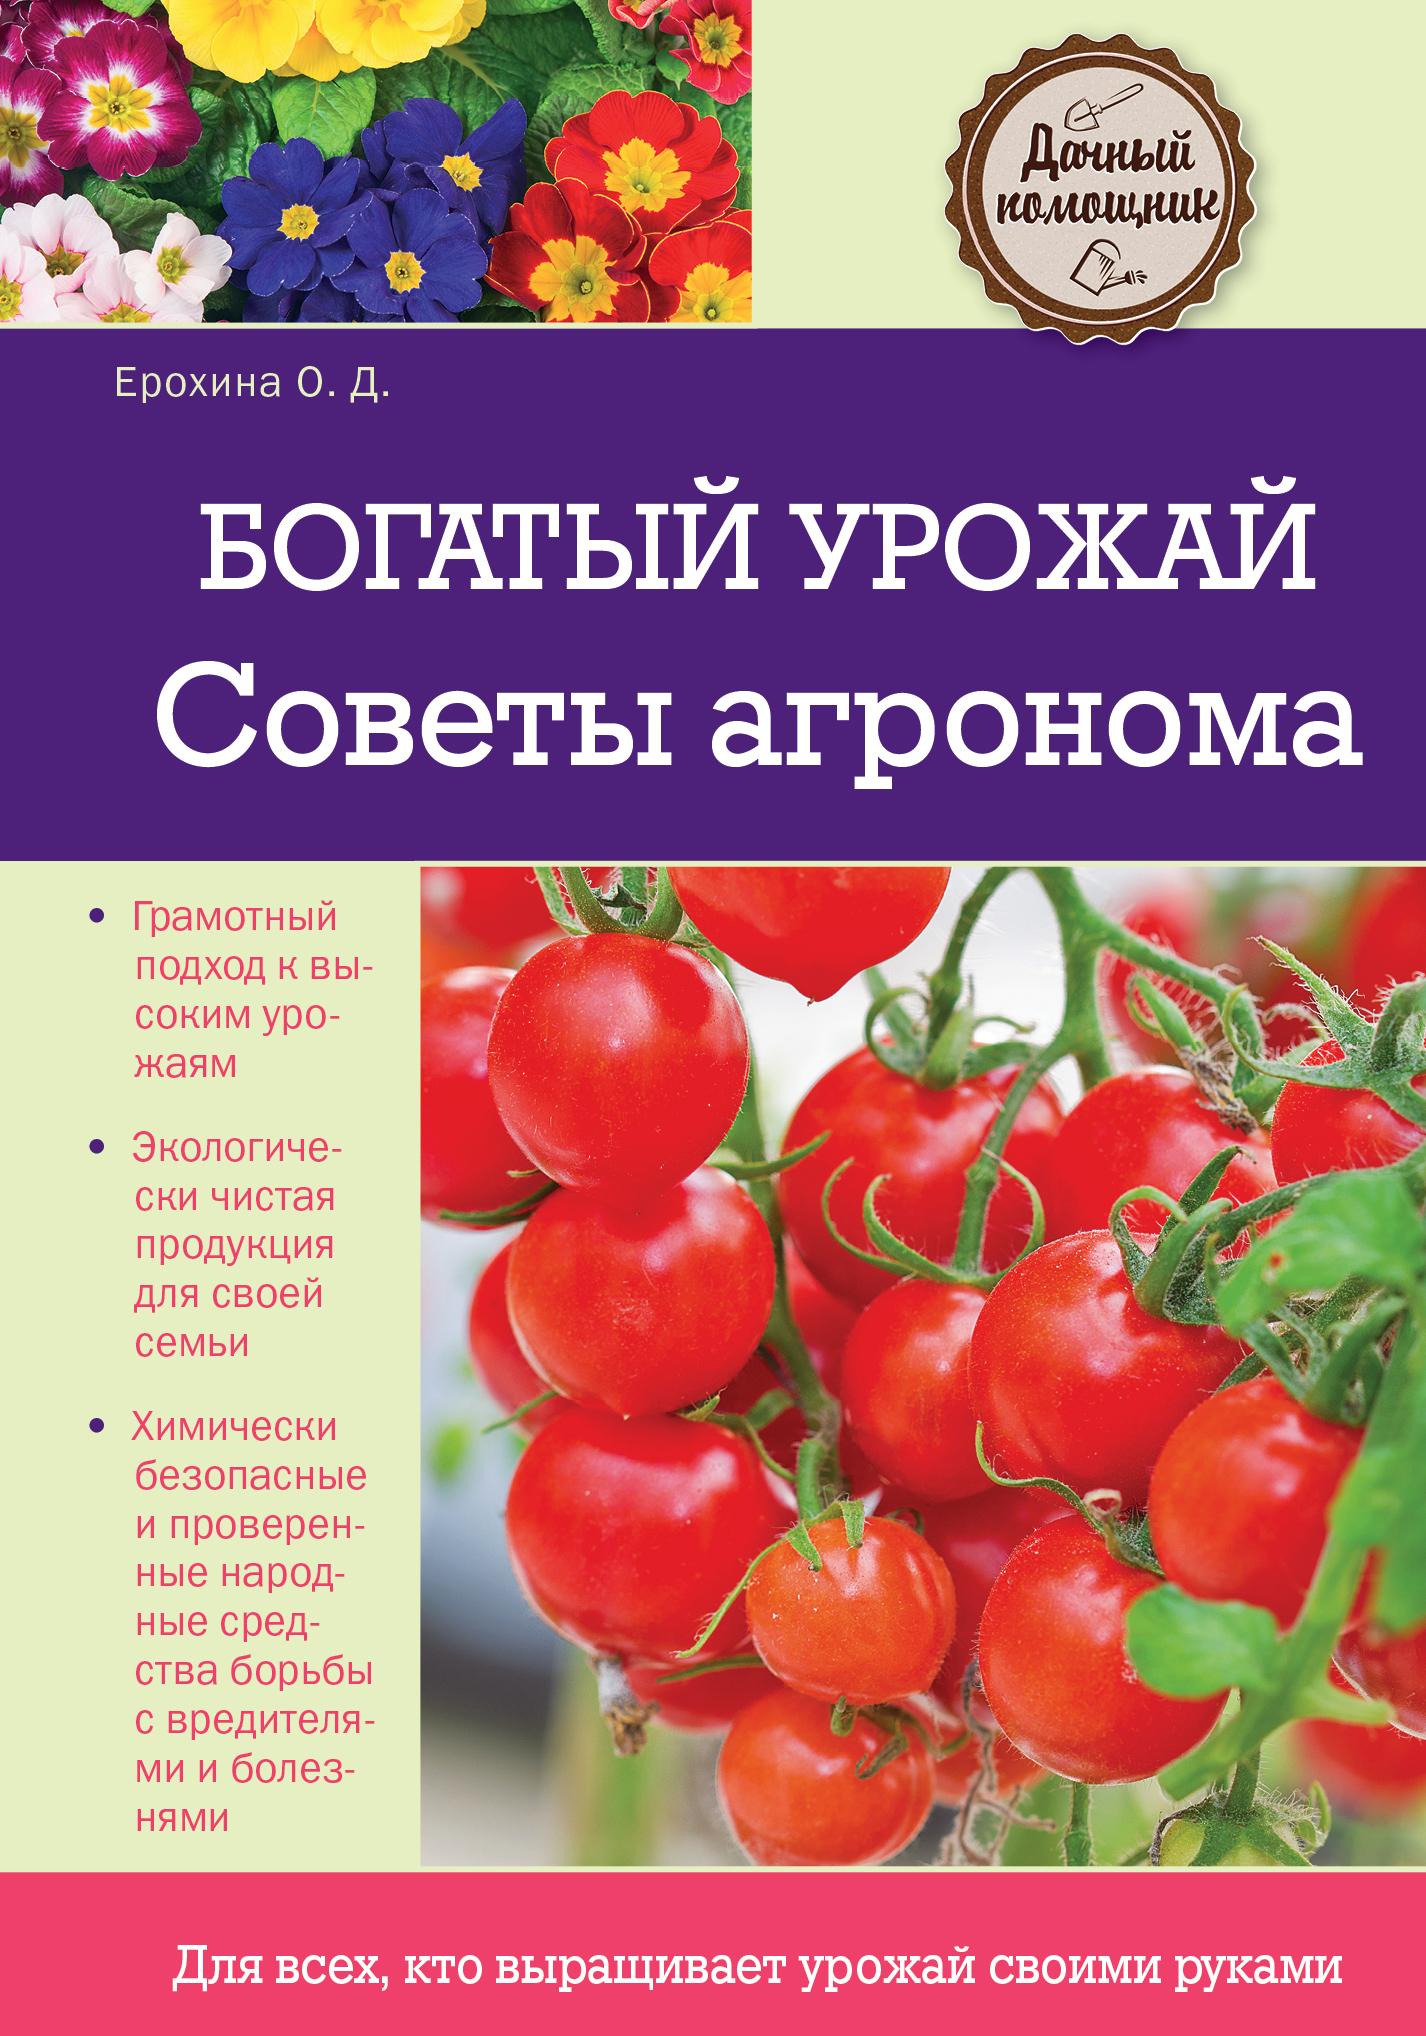 Источник: Ерохина О.Д.. Богатый урожай. Советы агронома